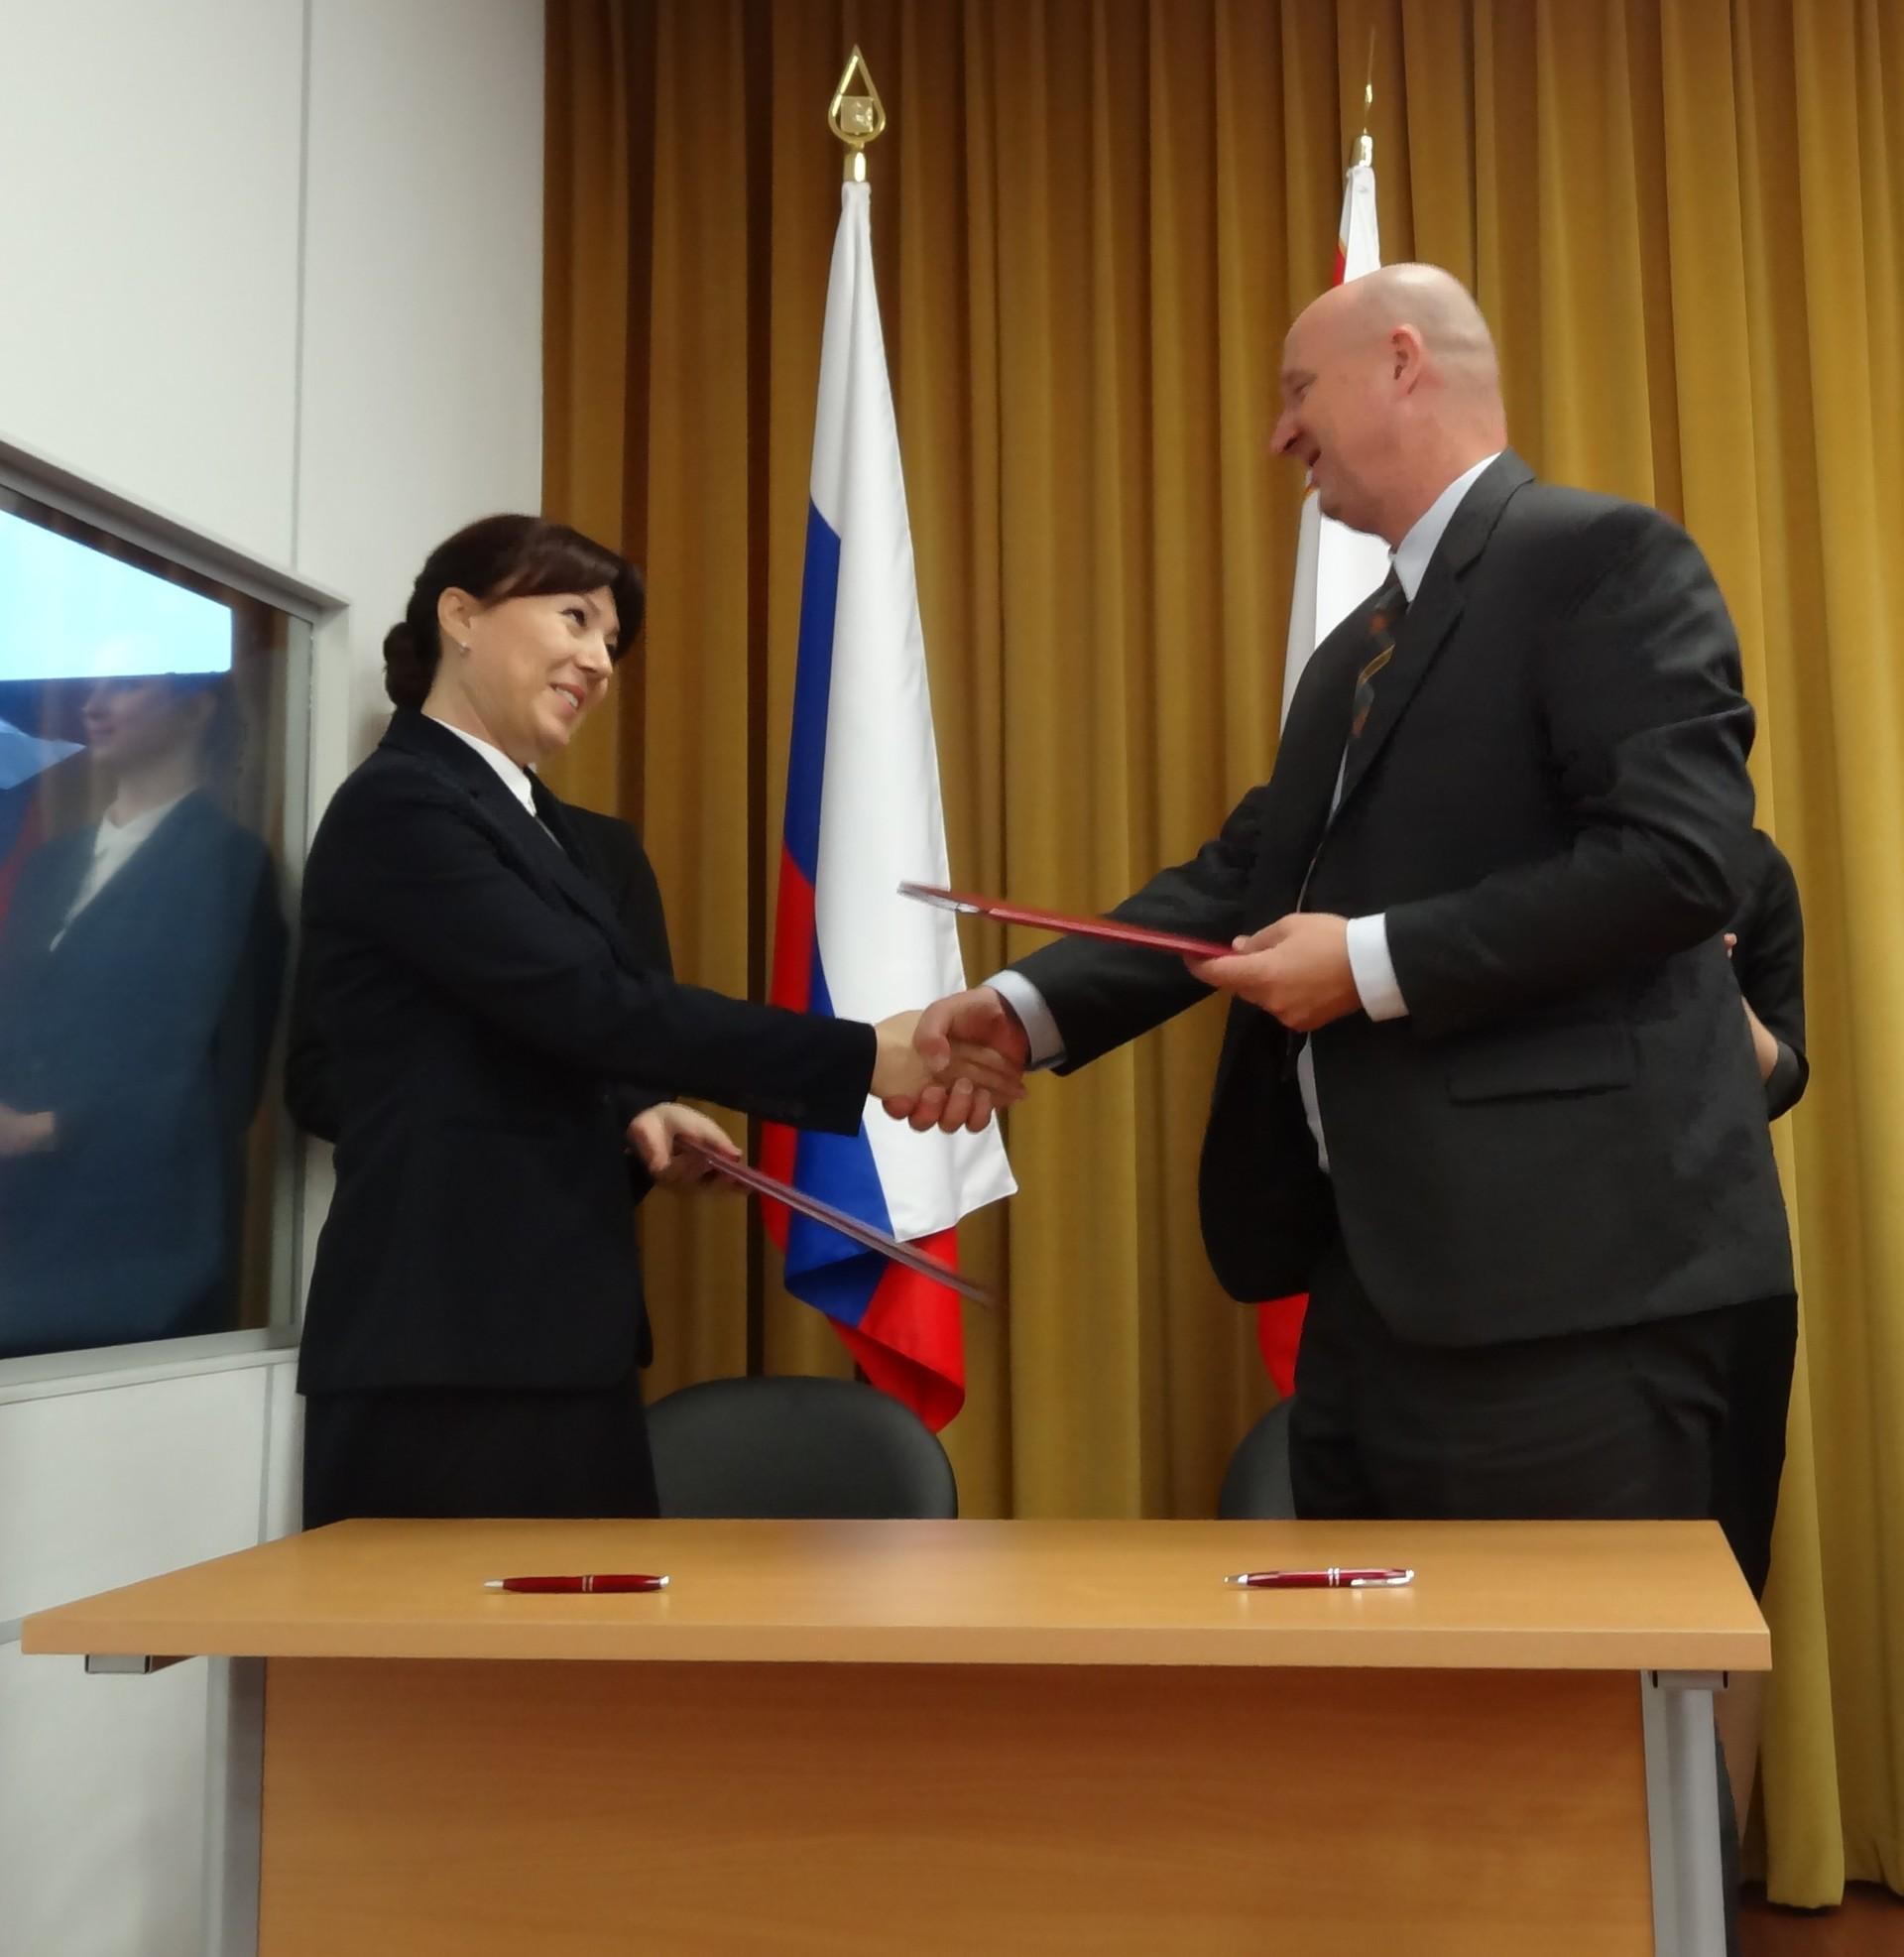 Podpis Memoranduma o razumevanju med Korporacijo za razvoj regije Vologda in Javno agencijo SPIRIT Slovenija.